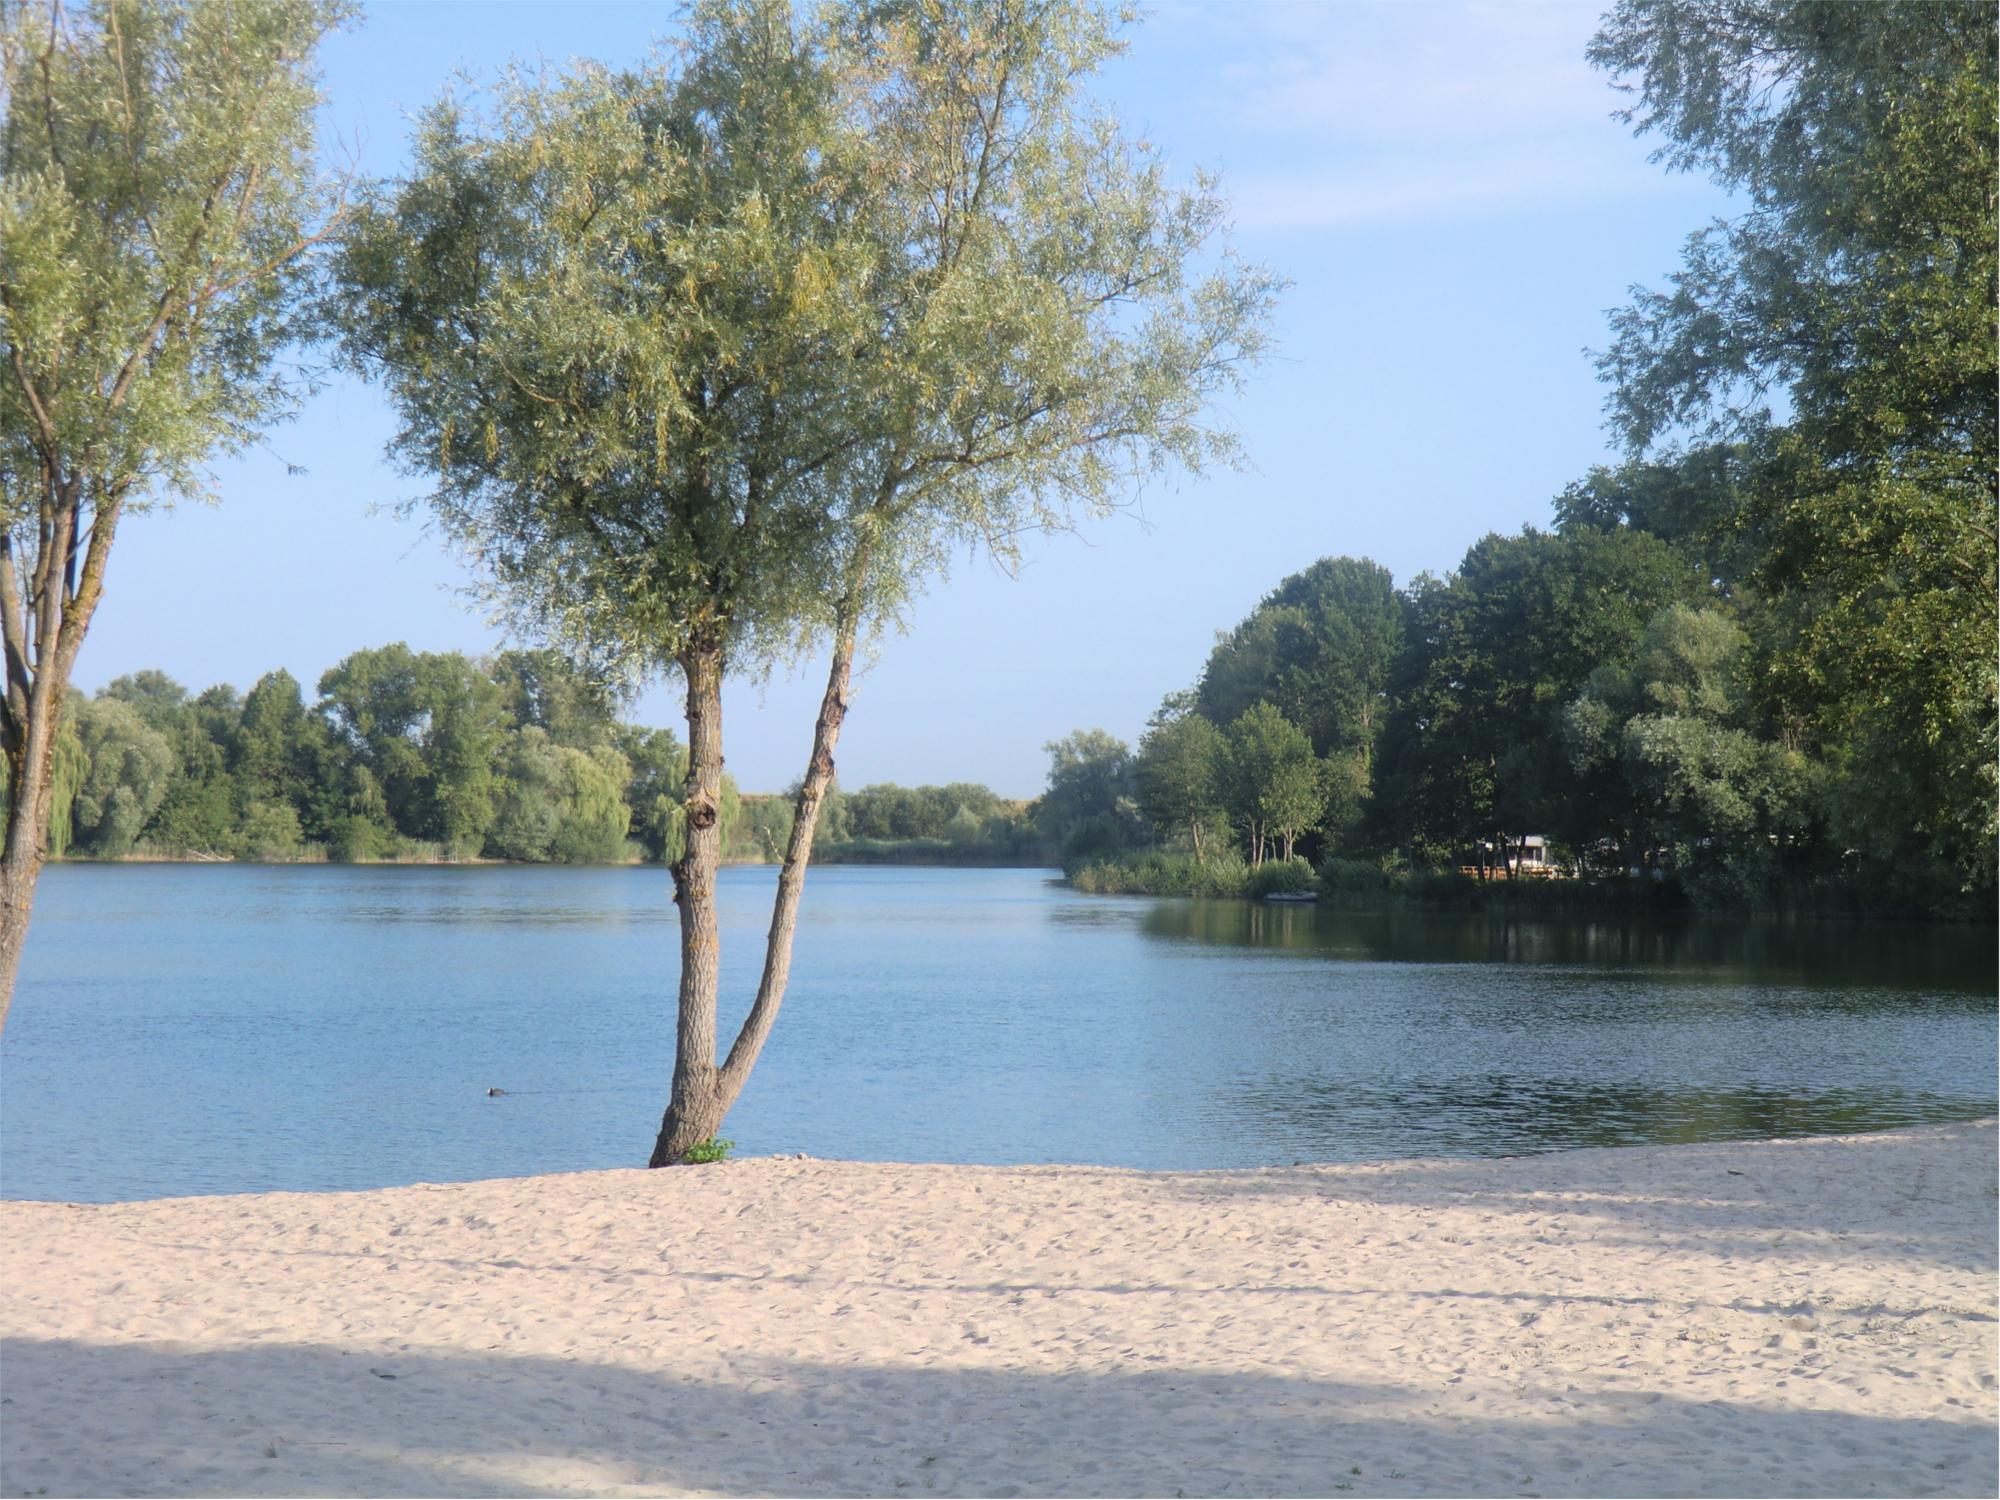 Badestelle am Achernsee